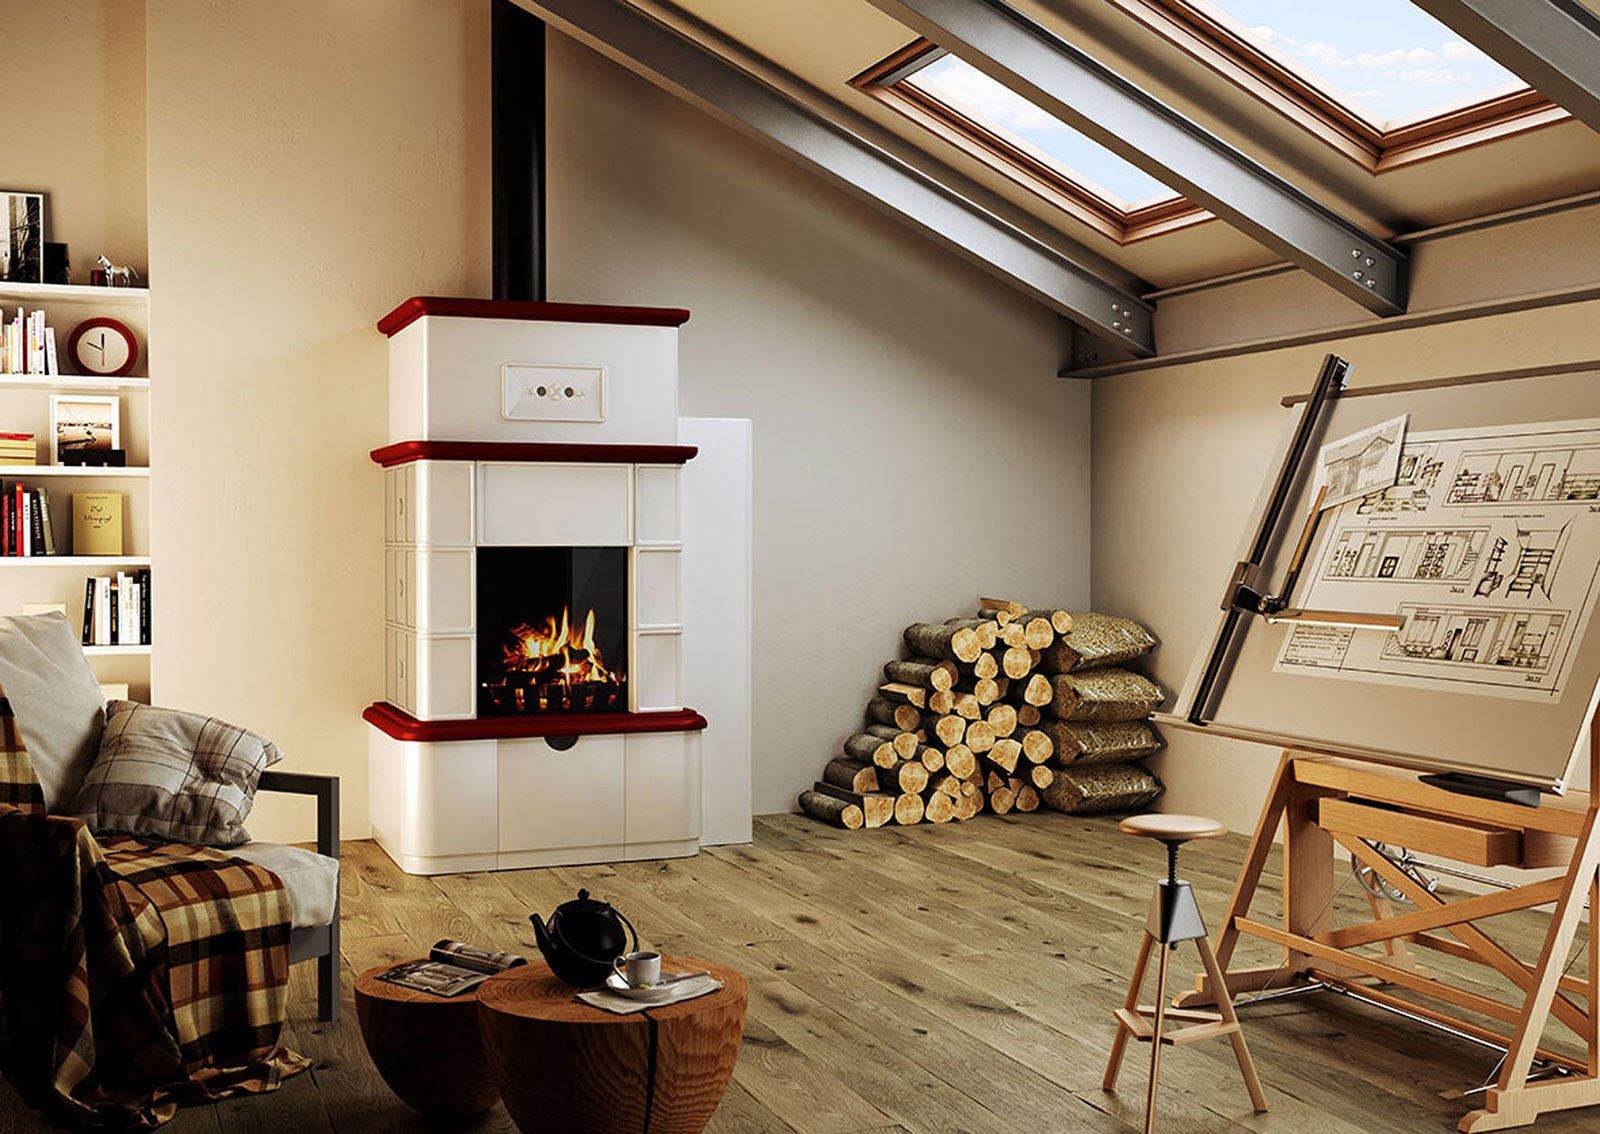 Progetto fuoco 2014 accende la fiera di verona cose di casa - Fiere per la casa ...